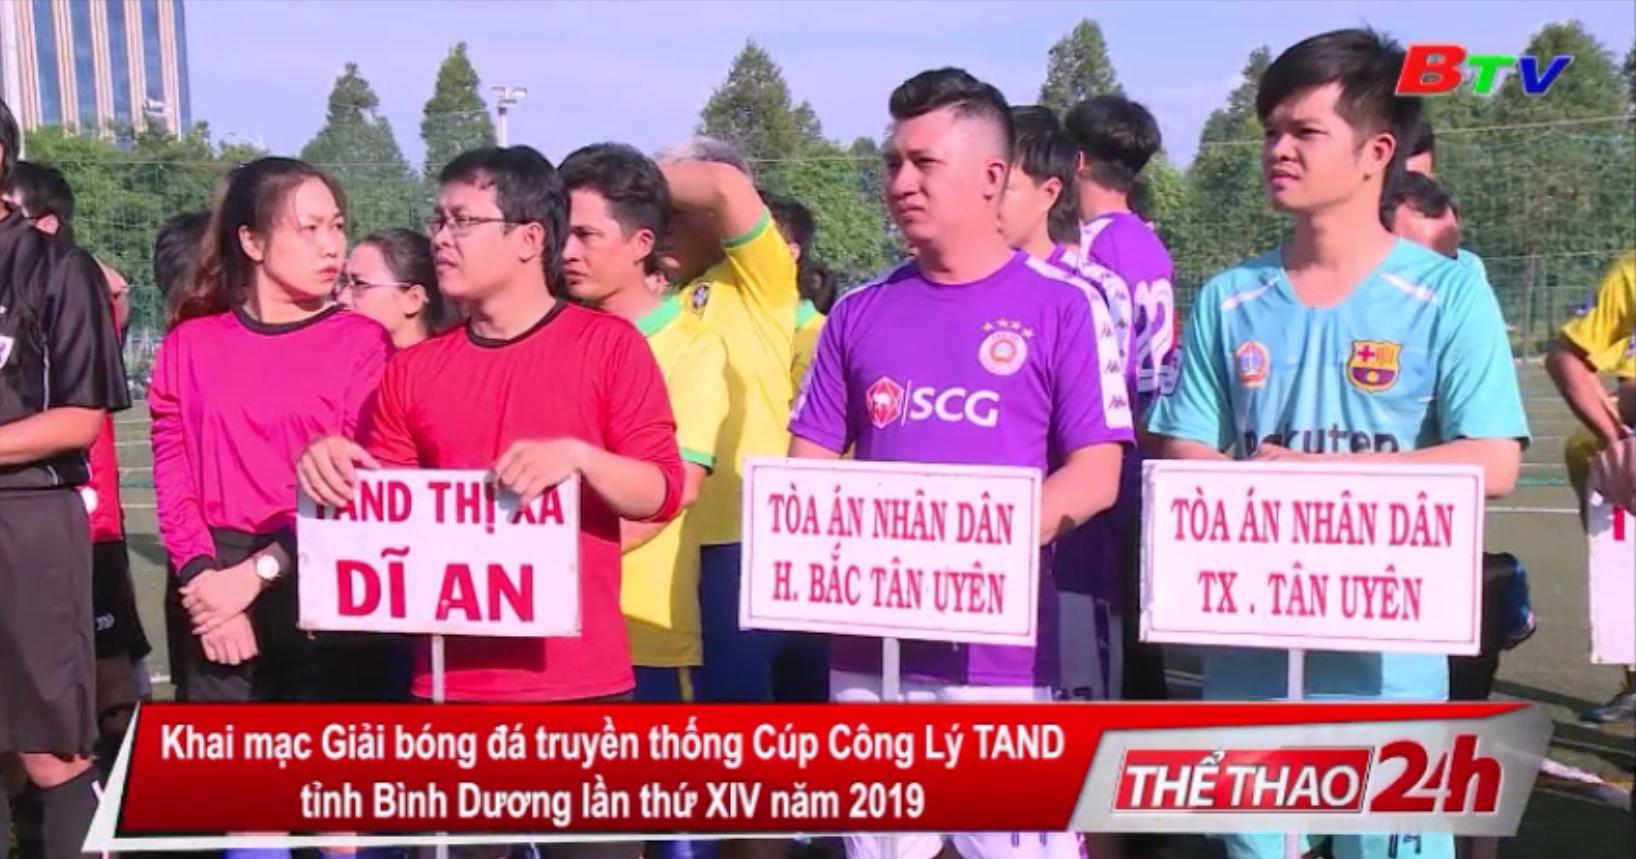 Khai mạc Giải bóng đá truyền thống Cúp Công Lý TAND tỉnh Bình Dương lần thứ XIV năm 2019